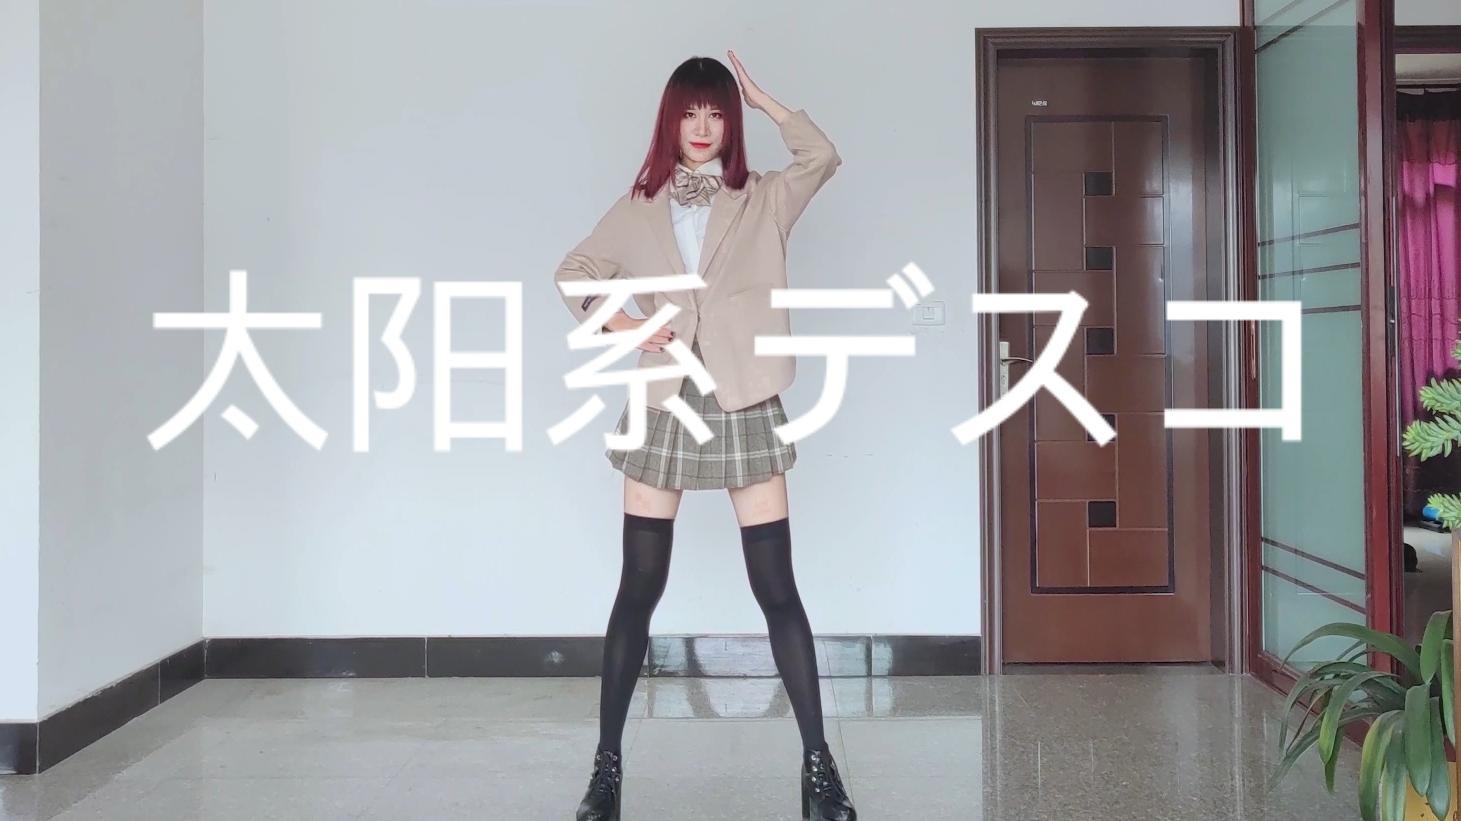 【麗丽】太阳系disco★A站初投★那一等星的喧嚣光芒